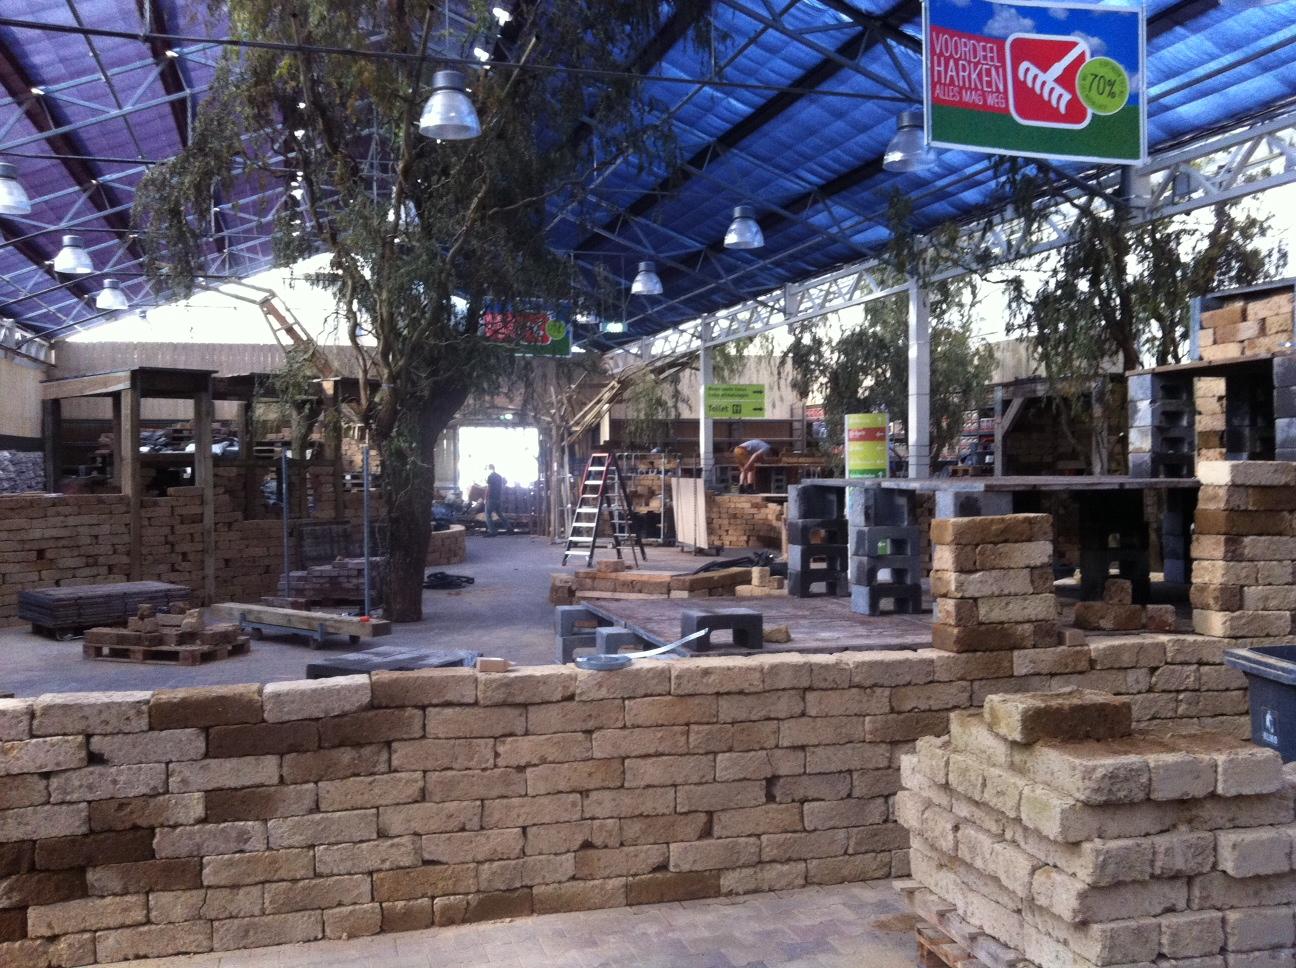 De kerstshows in de tuincentra worden alweer opgebouwd for Intratuin duiven